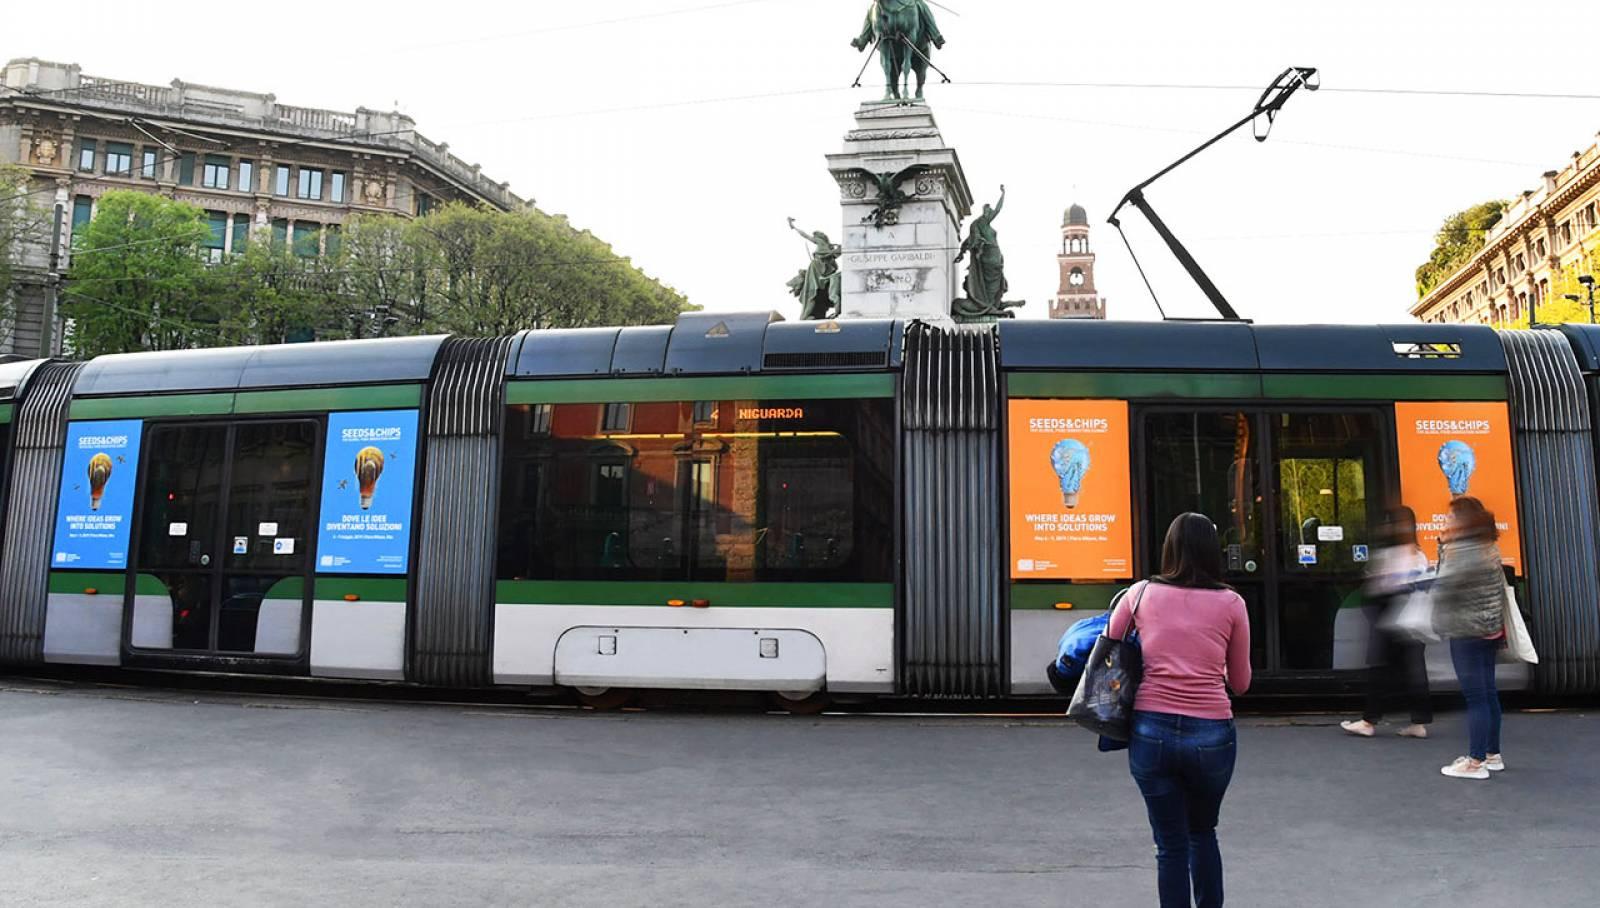 Pubblicità su tram a Milano IGPDecaux manyside per Seeds&Chips